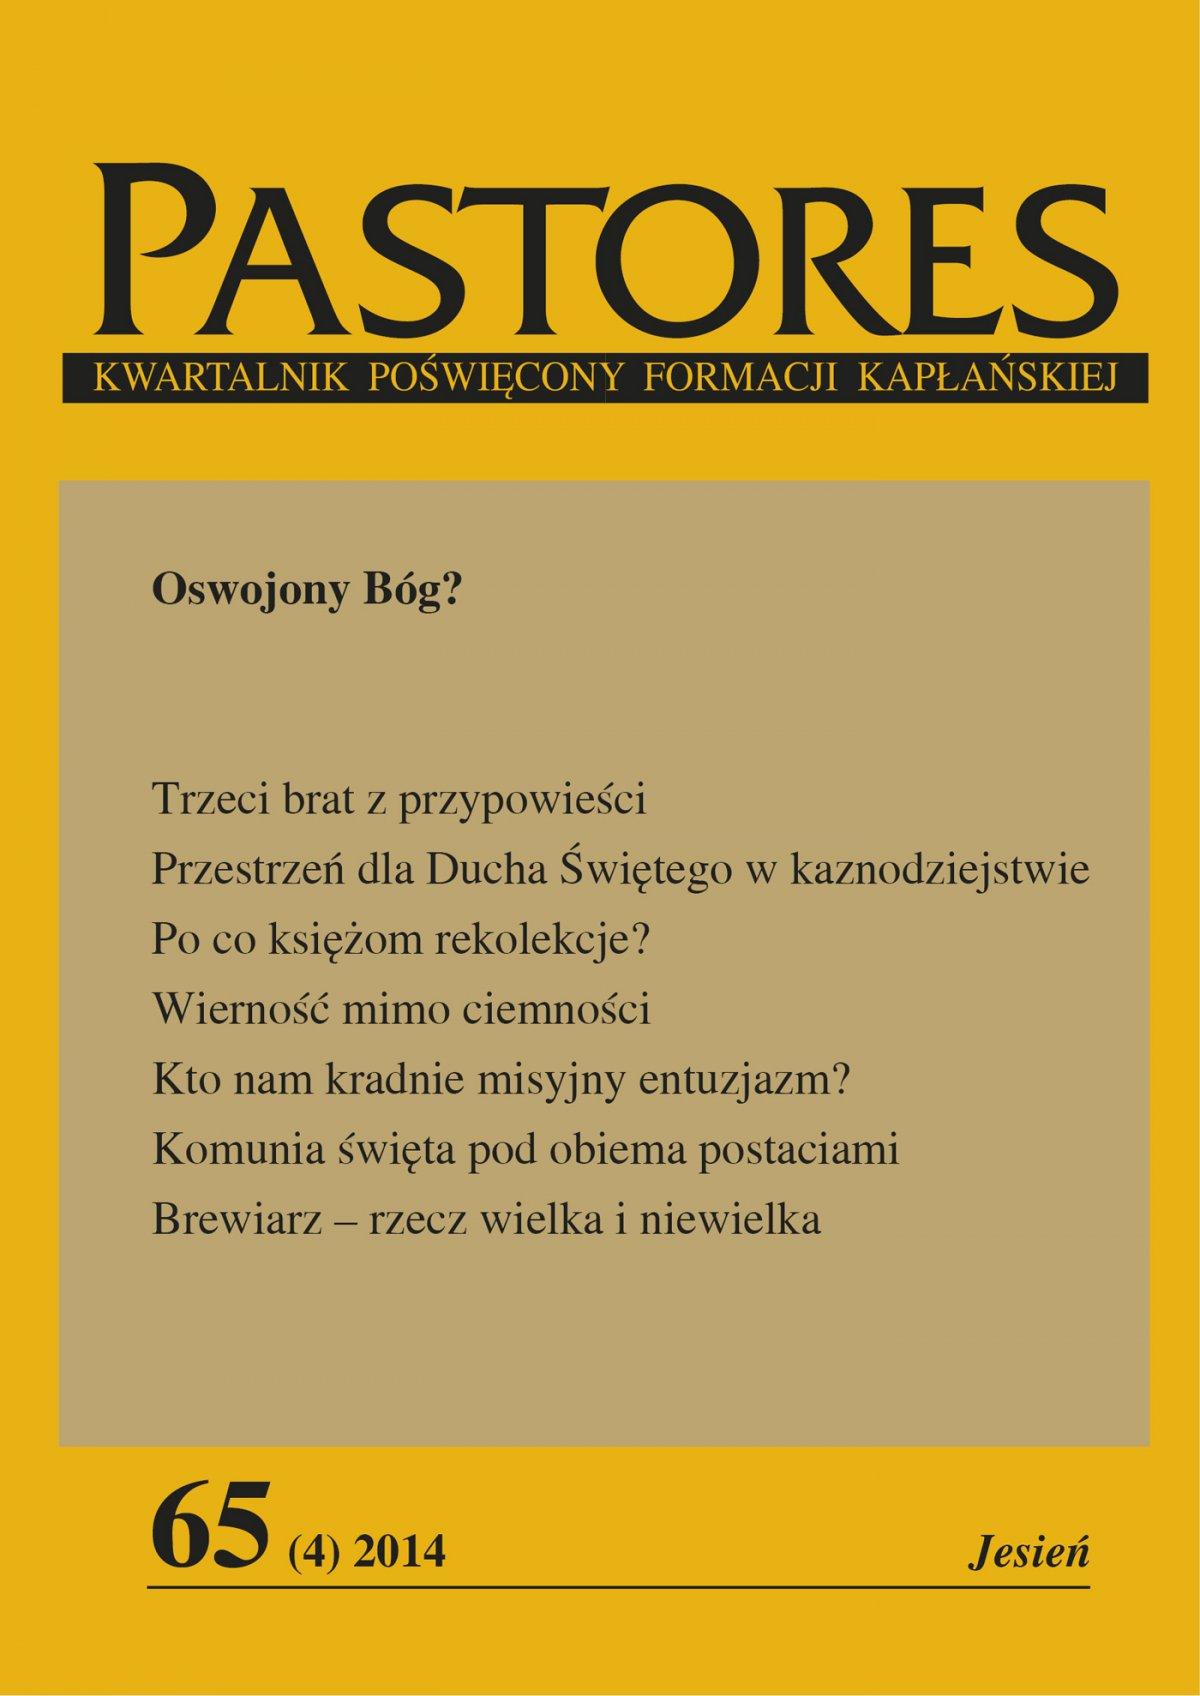 Pastores 65 (4) 2014 - Ebook (Książka EPUB) do pobrania w formacie EPUB